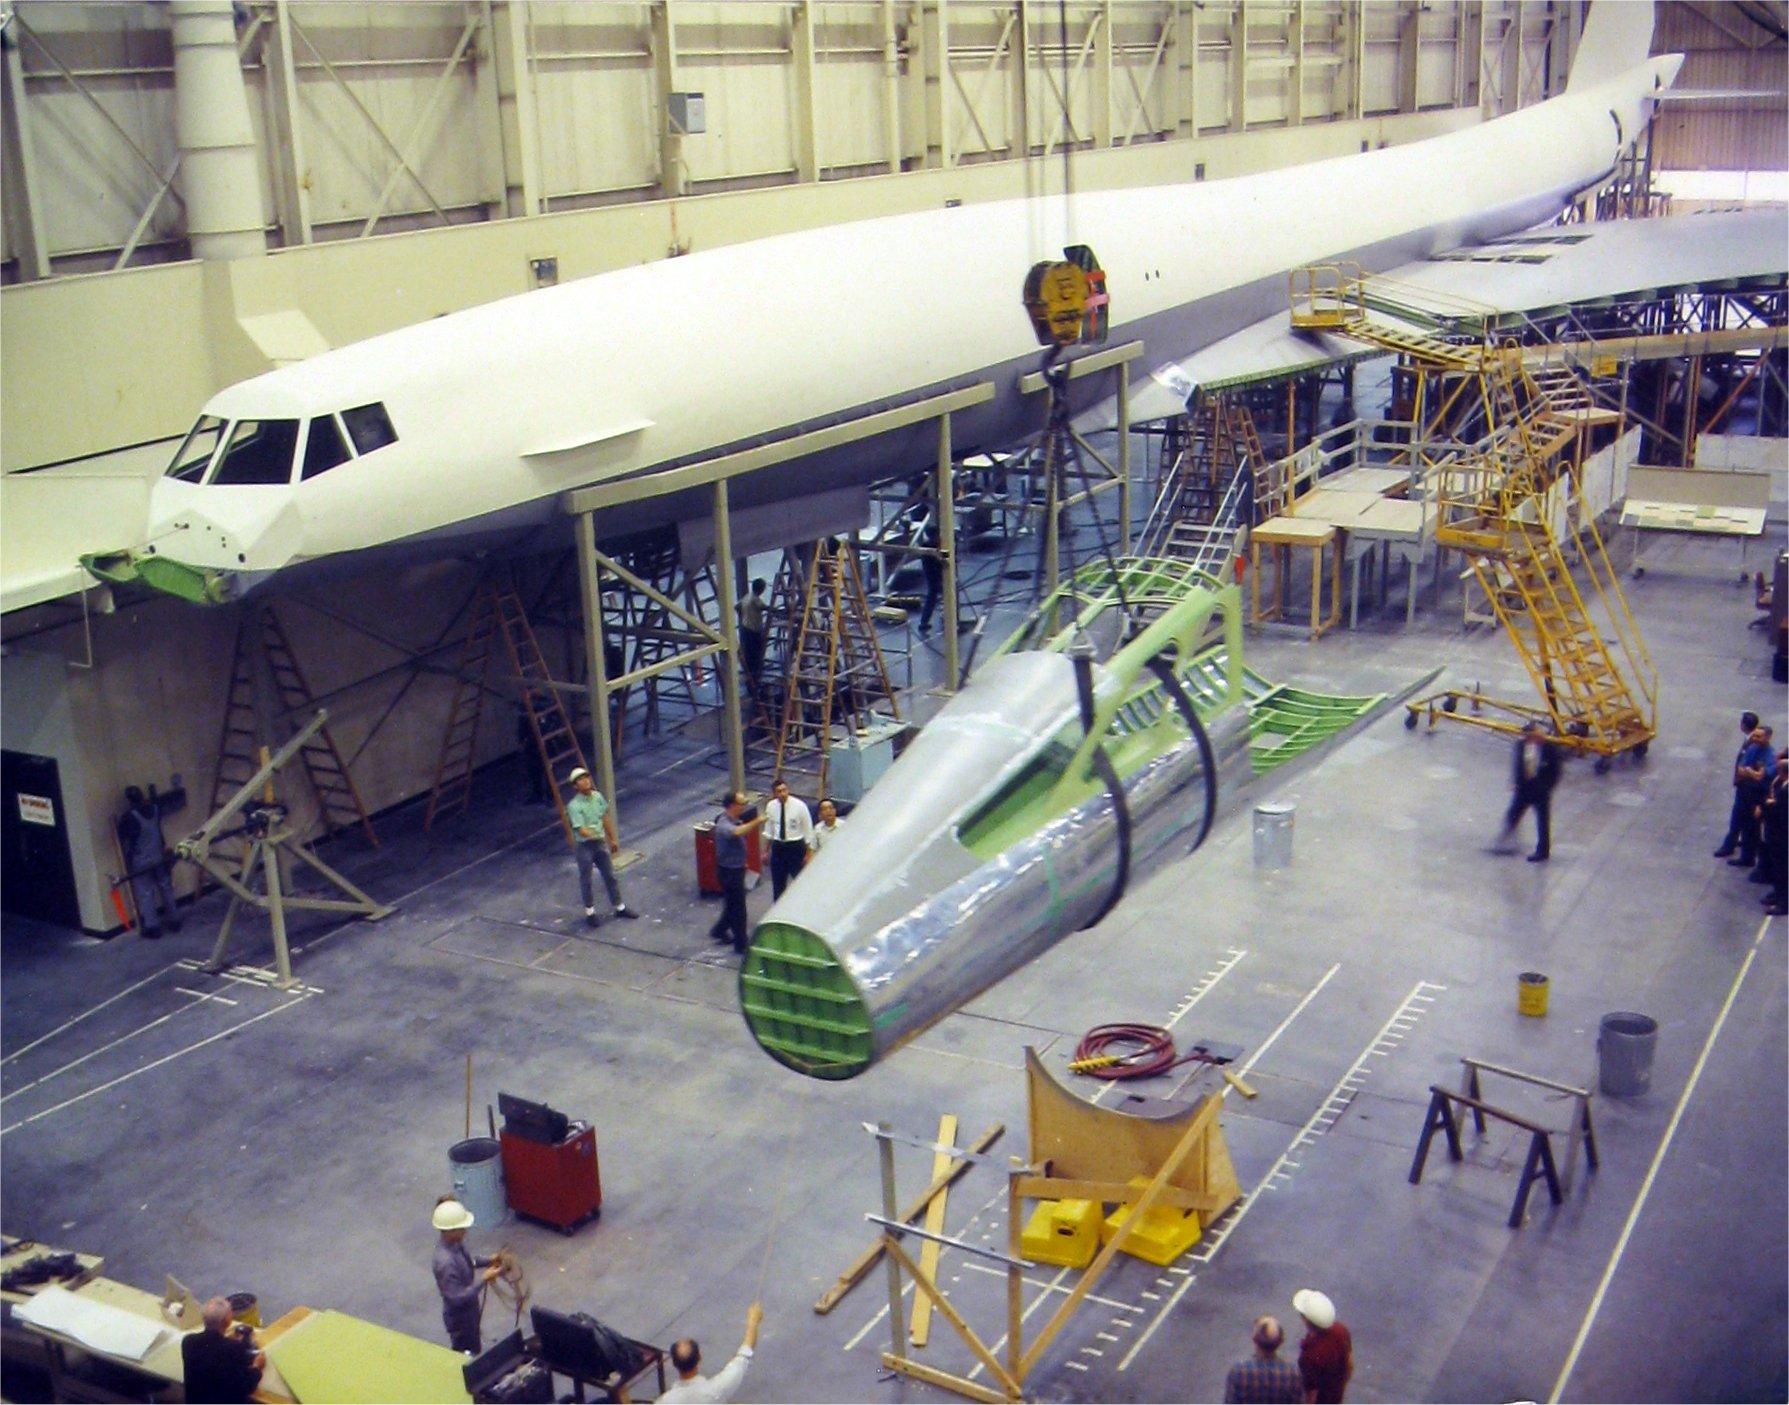 Un poco de historia: El Concorde en México Image127